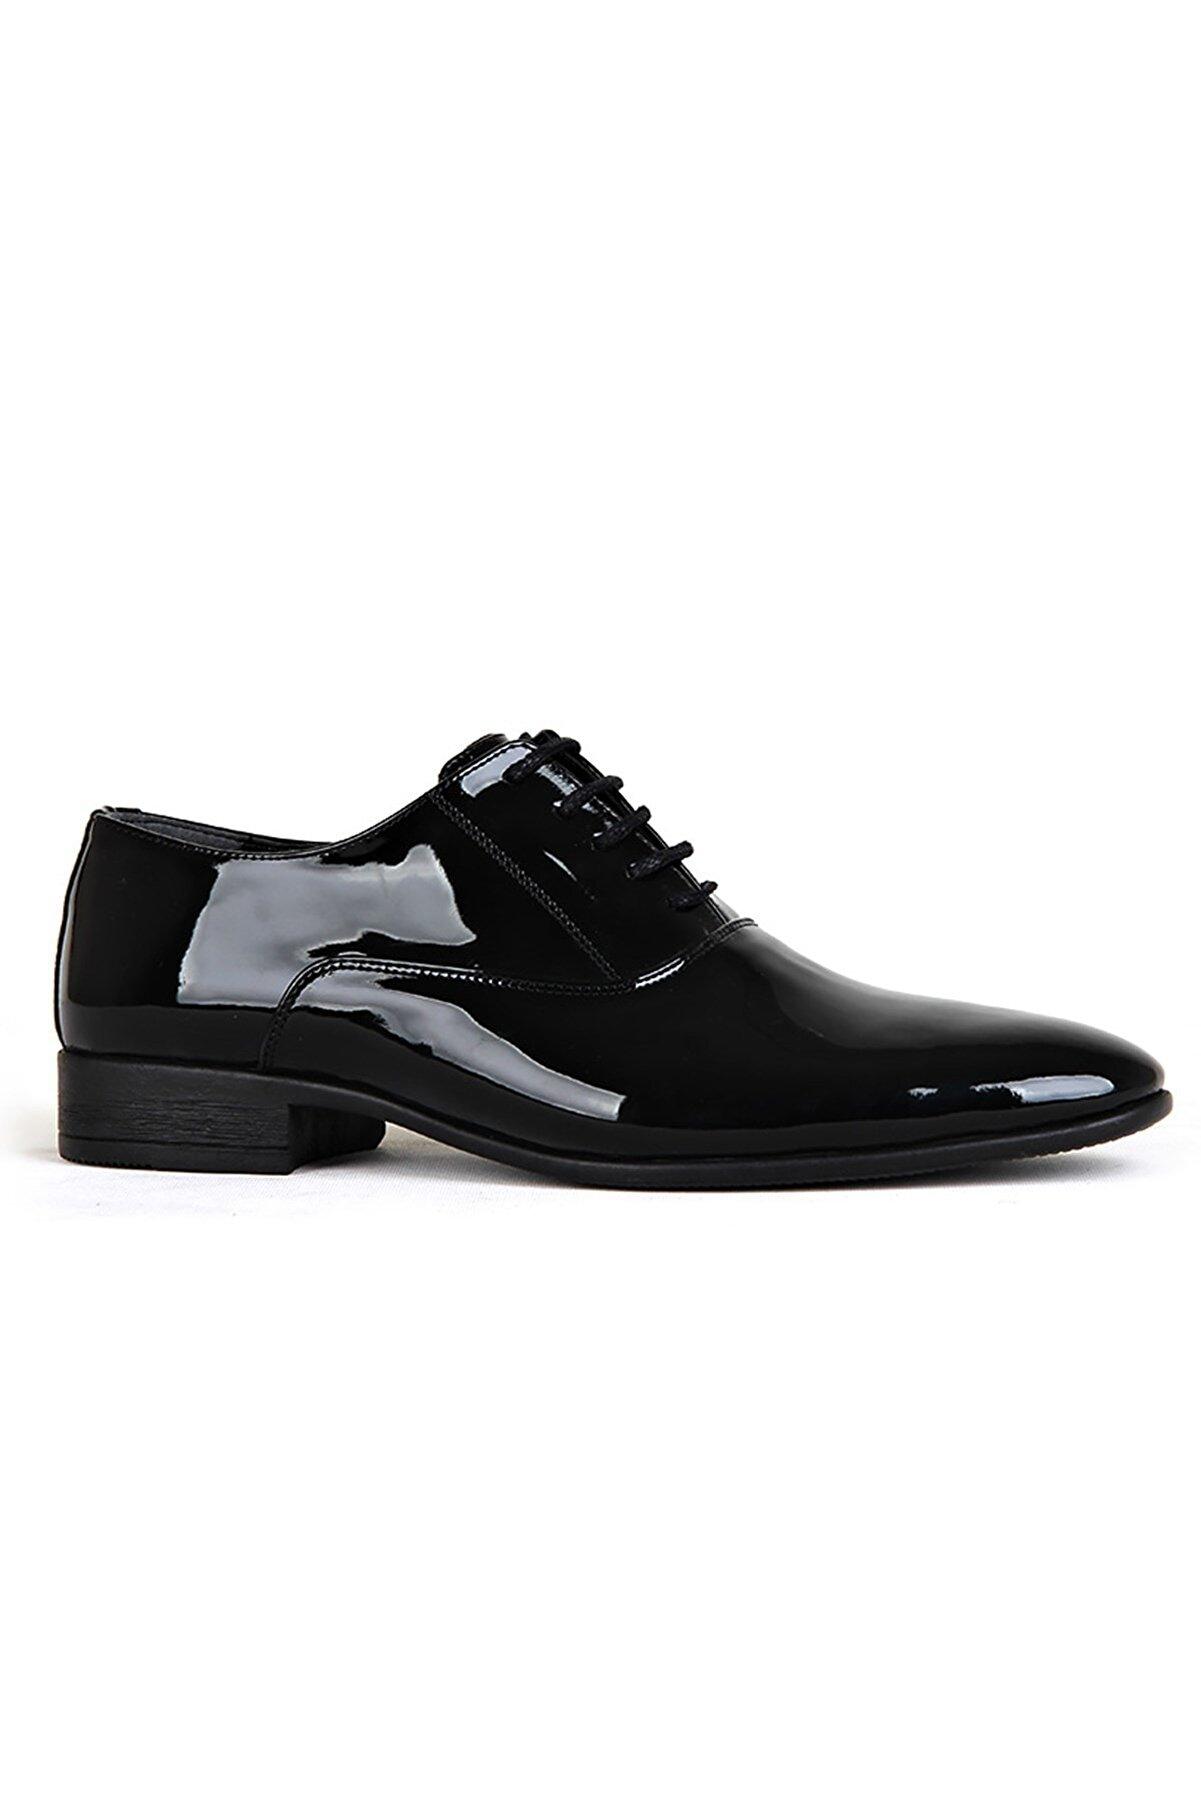 maximoda Siyah Erkek Klasik Ayakkabı PRA-683944-838313